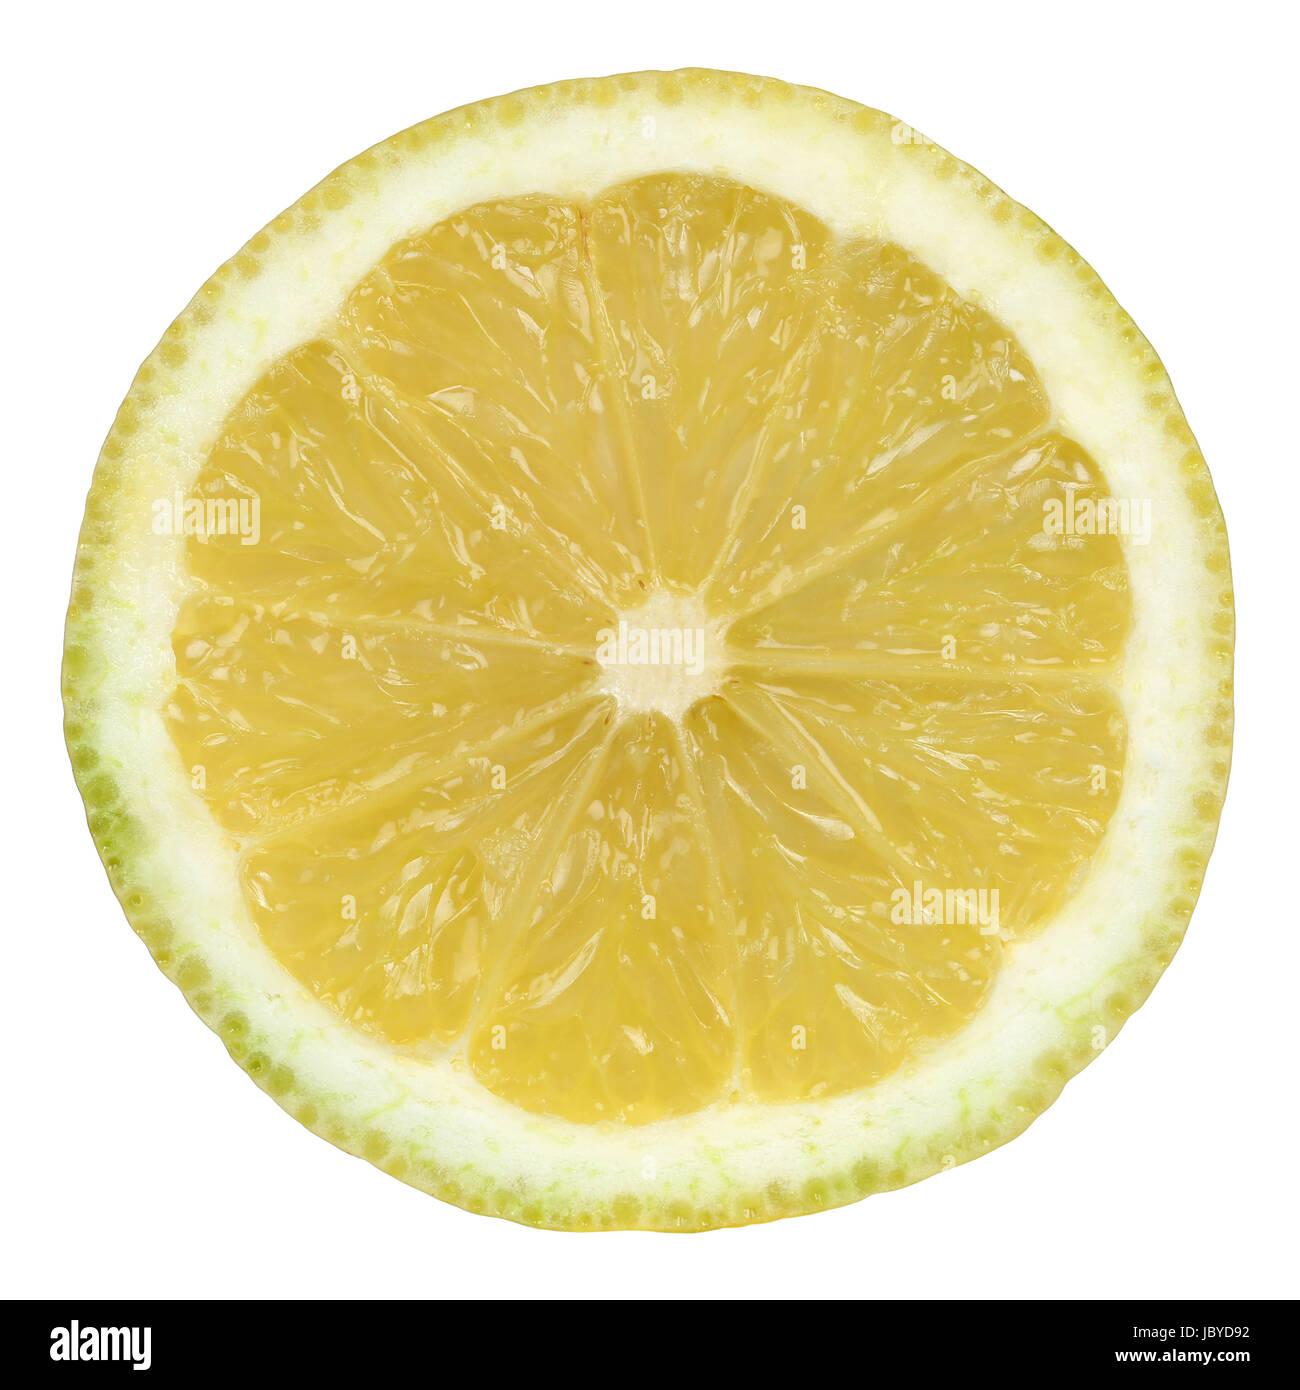 Durchgeschnittene Zitrone, isoliert vor einem weissen Hintergrund Stock Photo